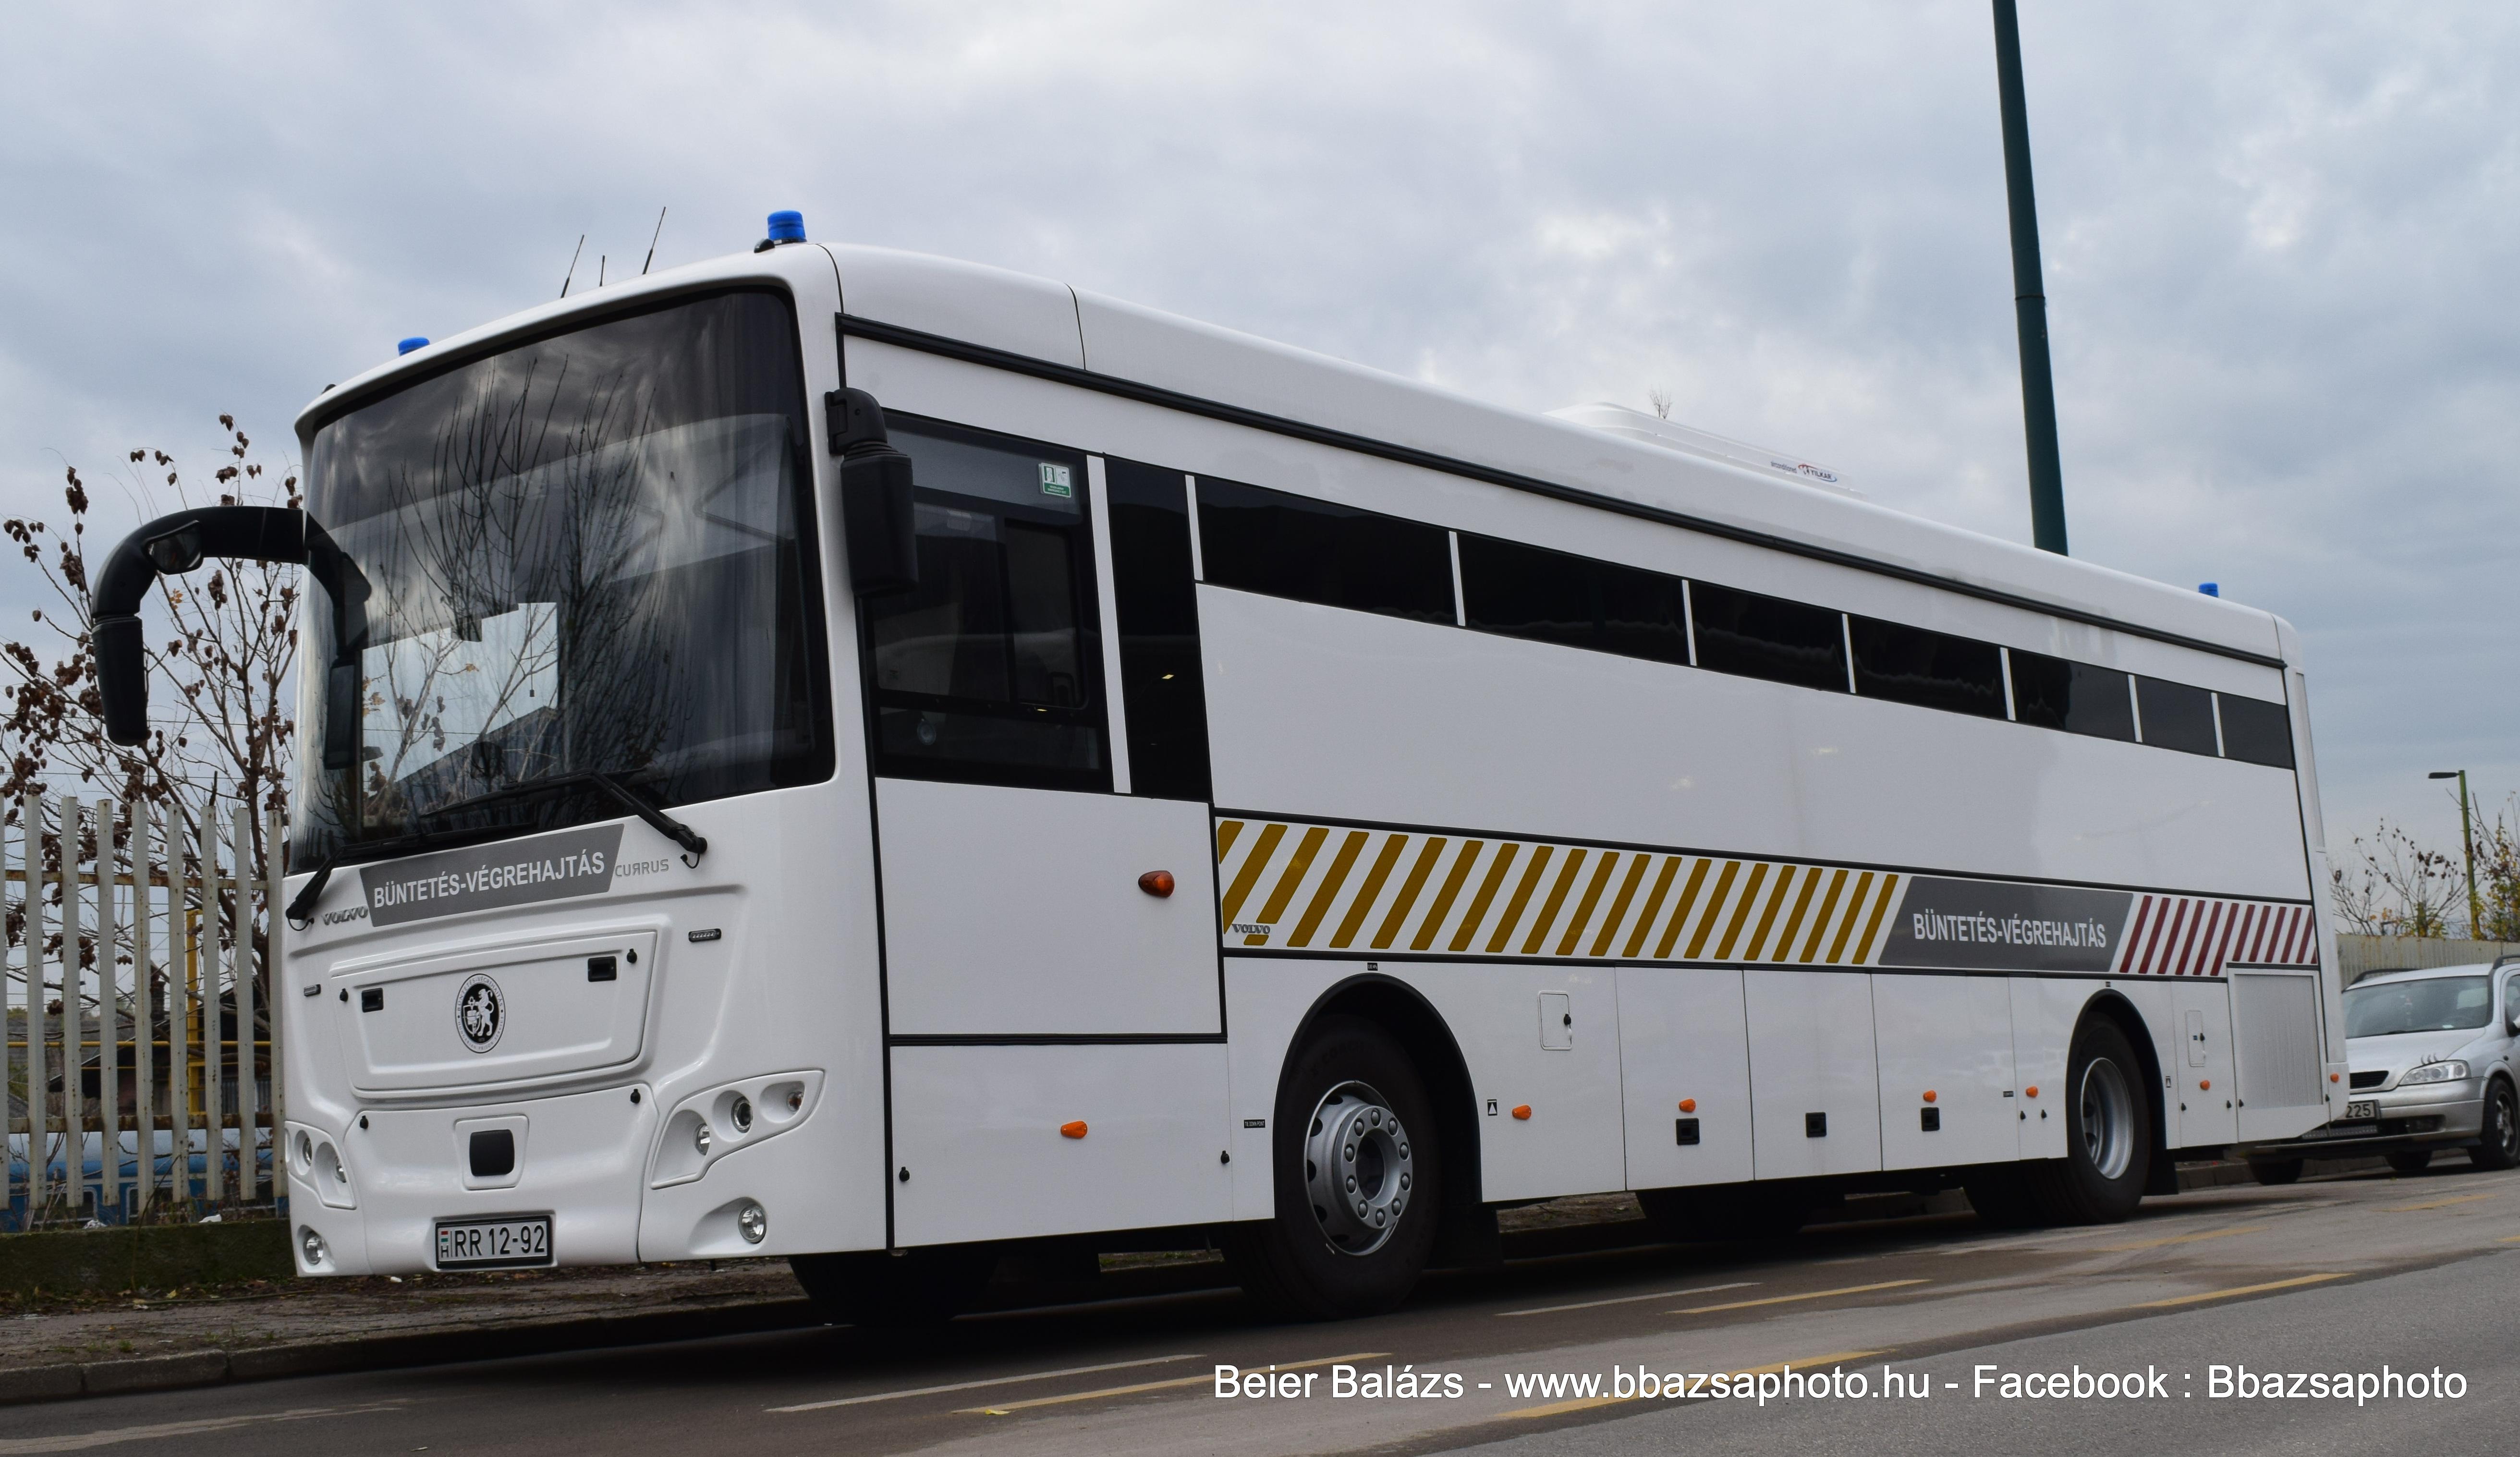 Volvo Currus Aries – BV rabszállító